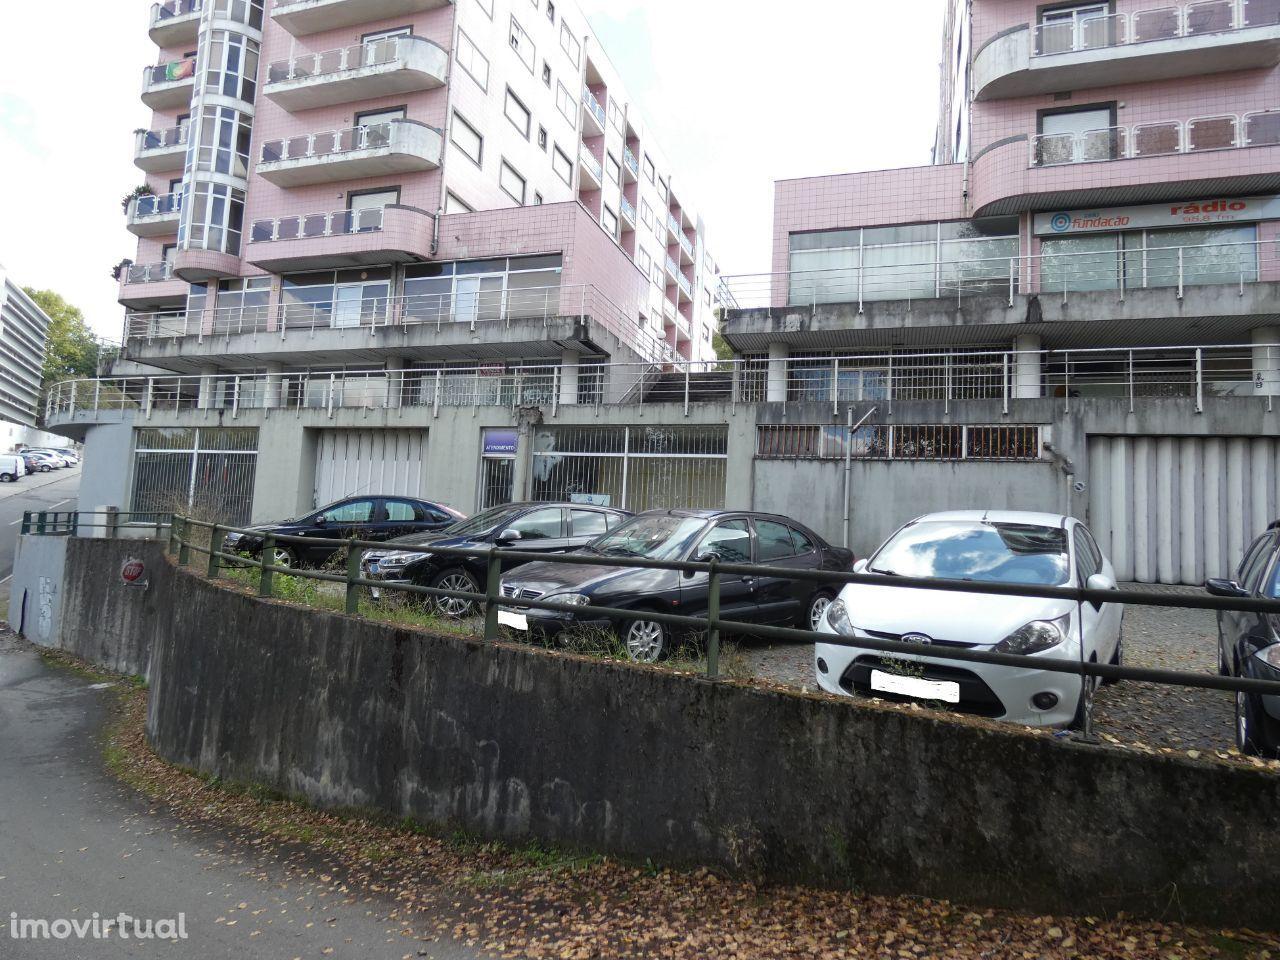 Armazém - Fermentões - Guimarães